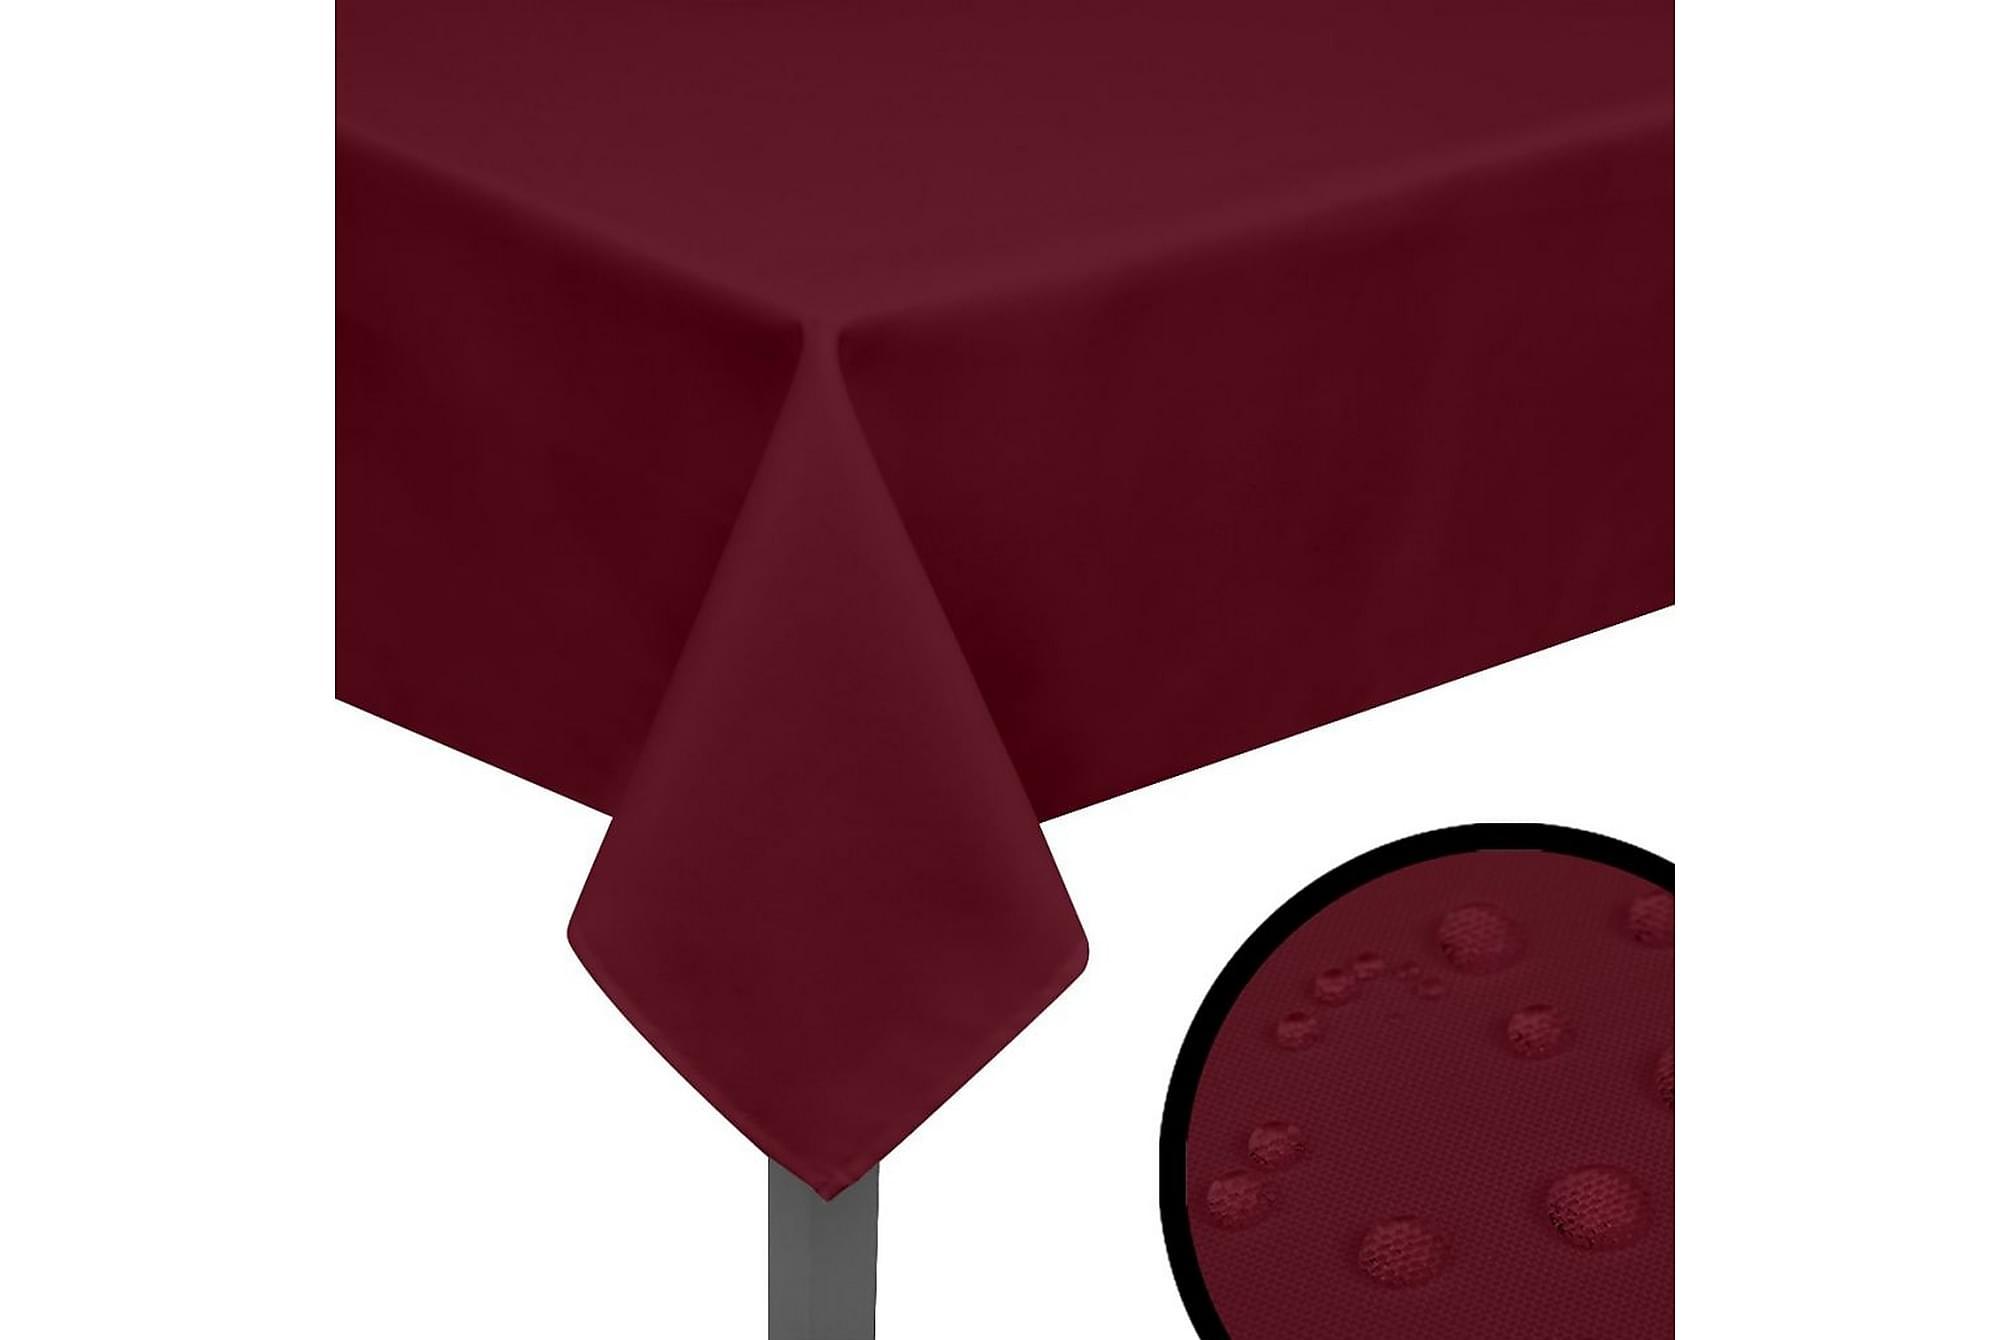 Bordsduk 5 st vinröd 250x130 cm, Kökstextilier